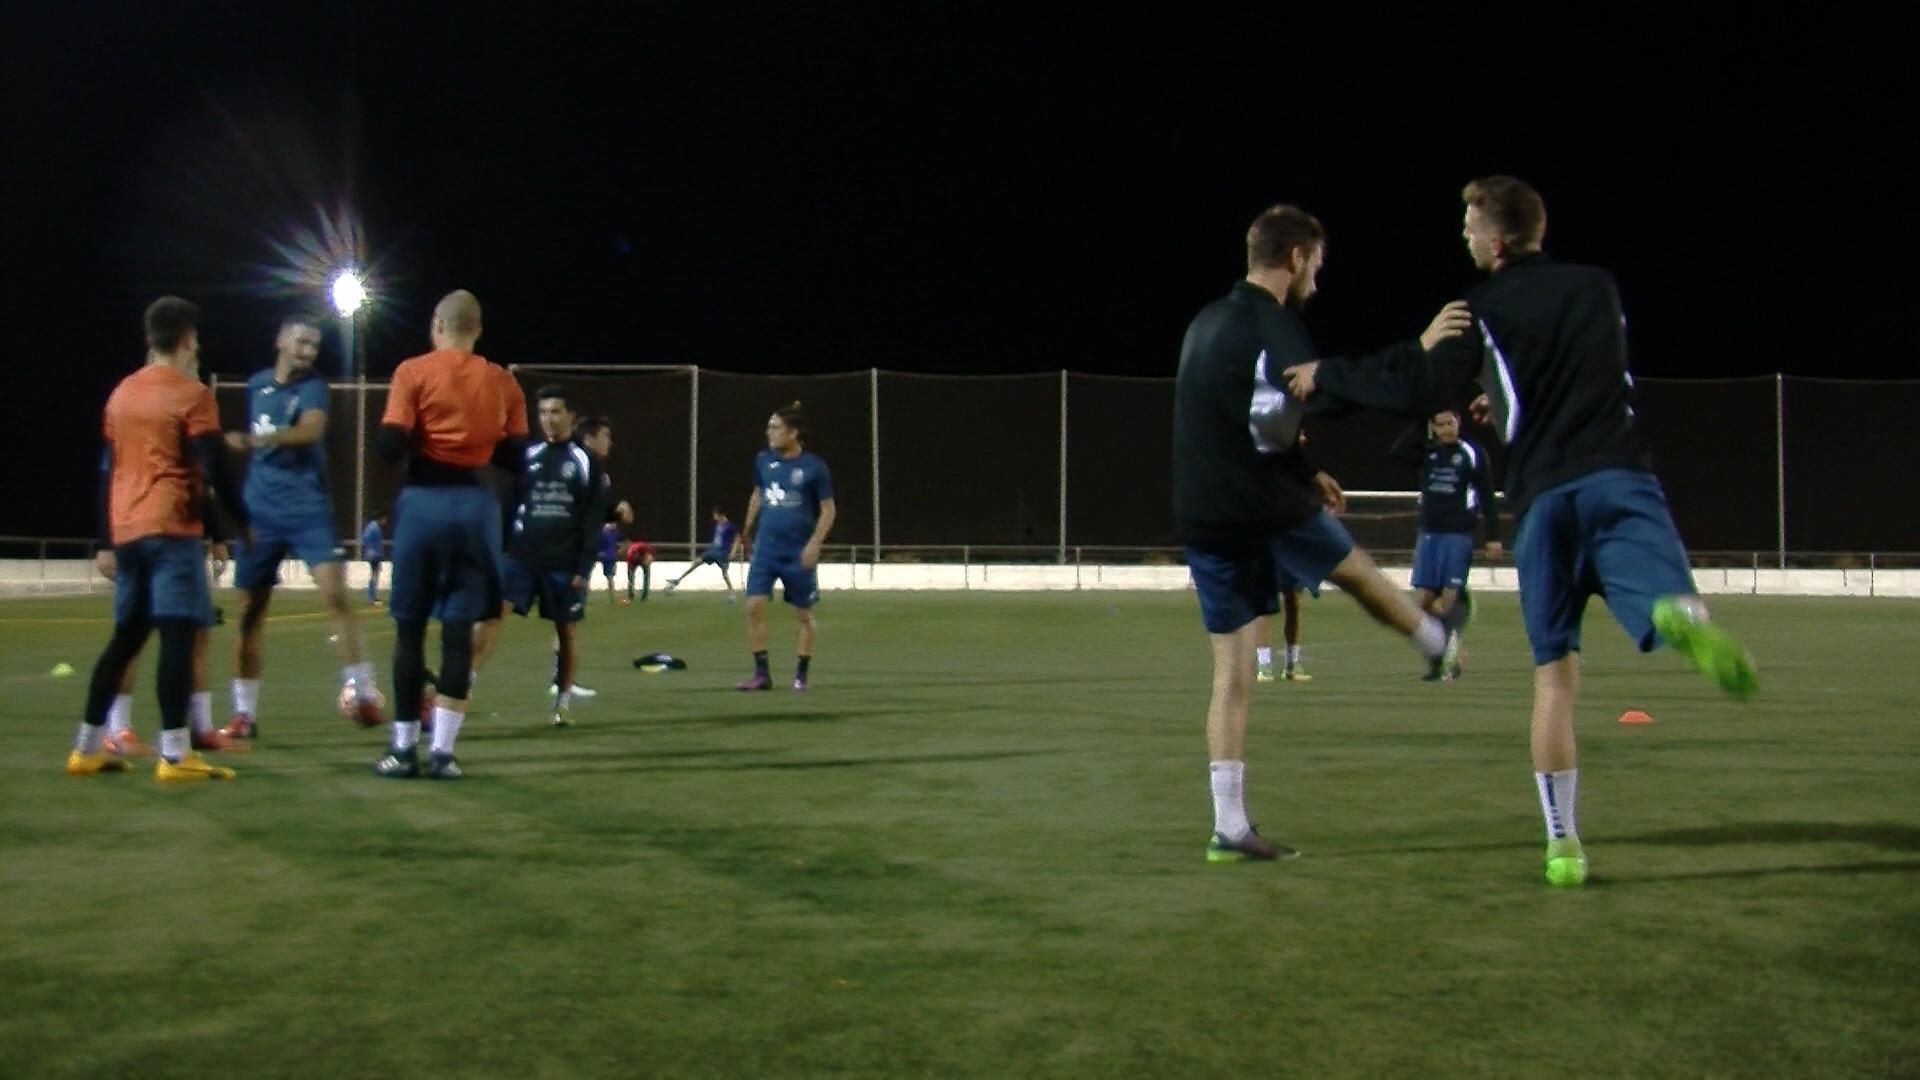 Prèvia FC Borges- Rapitenca.00_04_50_09.Imagen fija001